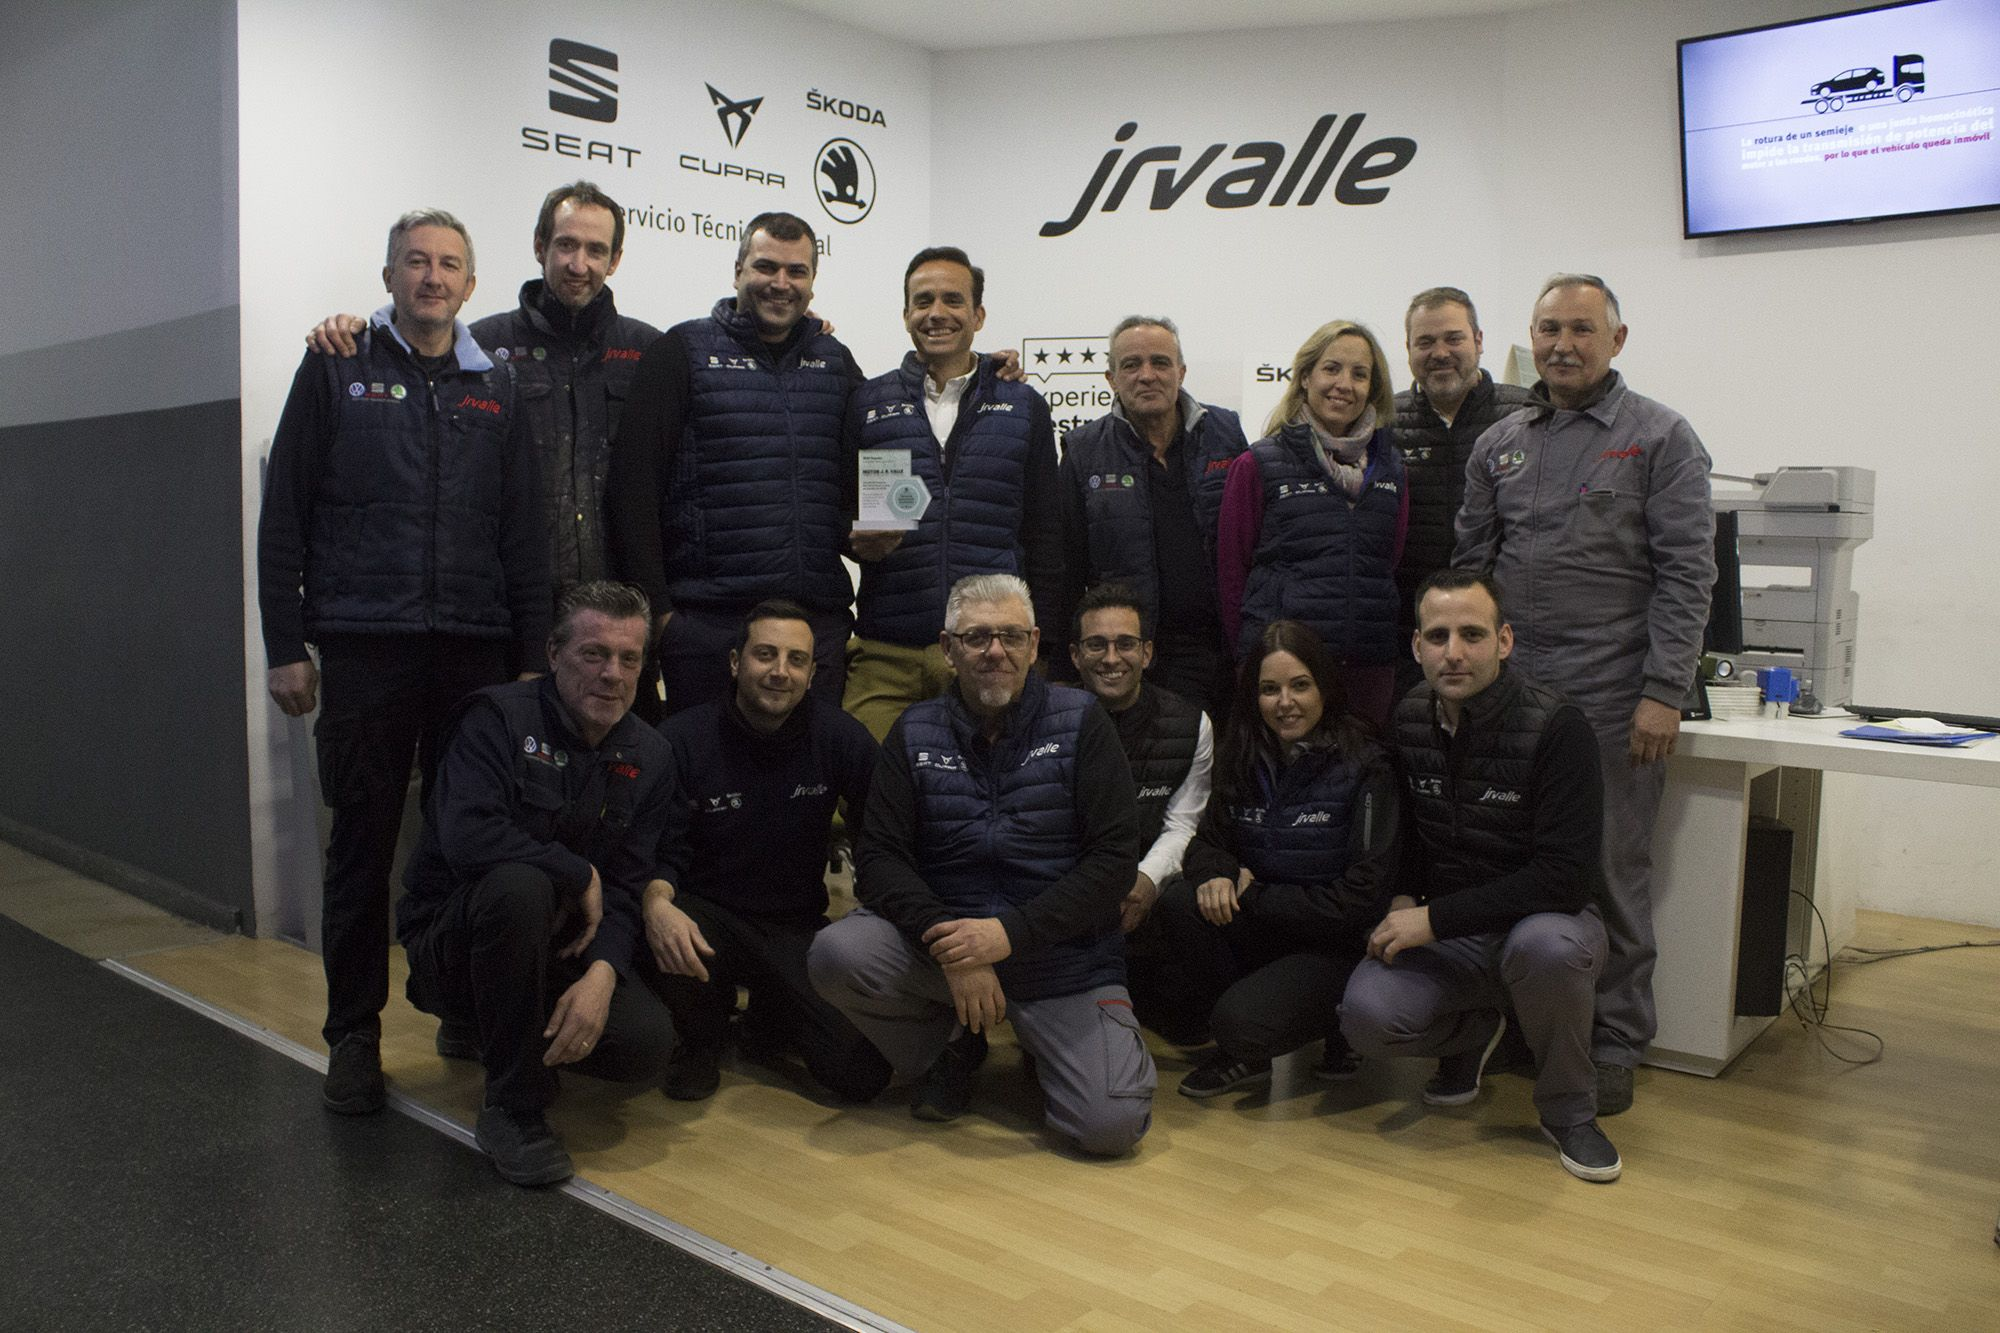 El Servicio Oficial Posventa SEAT de J.R. Valle, reconocido como uno de los mejores de España en 2018